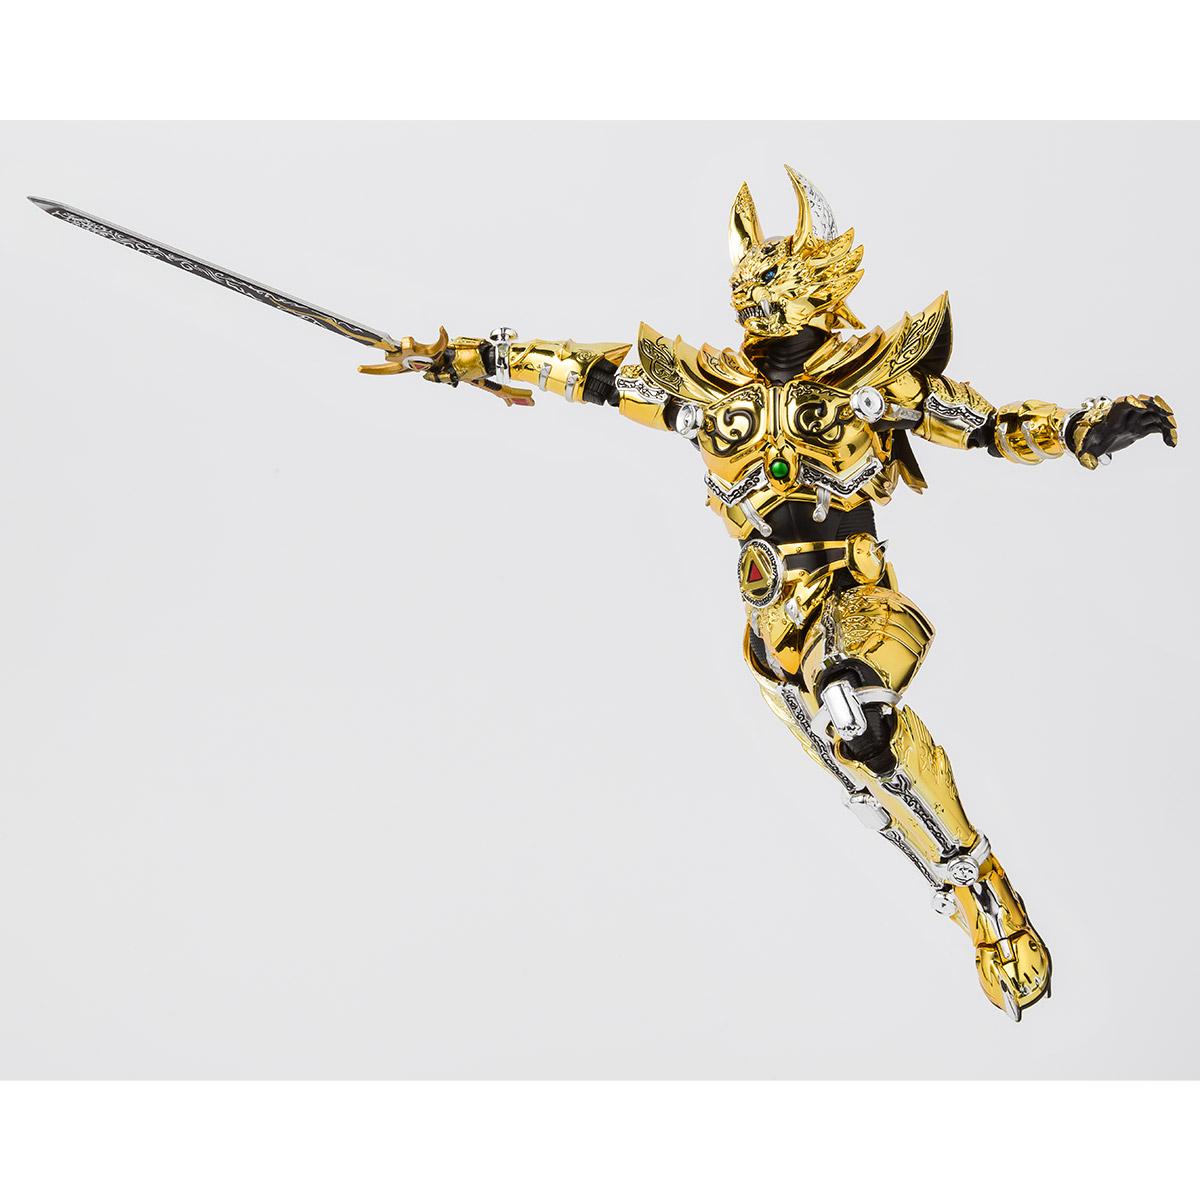 SAEJIMA RAIGA OUGONKISHI GARO BANDAI Premium S.H.Figuarts SHINKOCCHOUSEIHOU